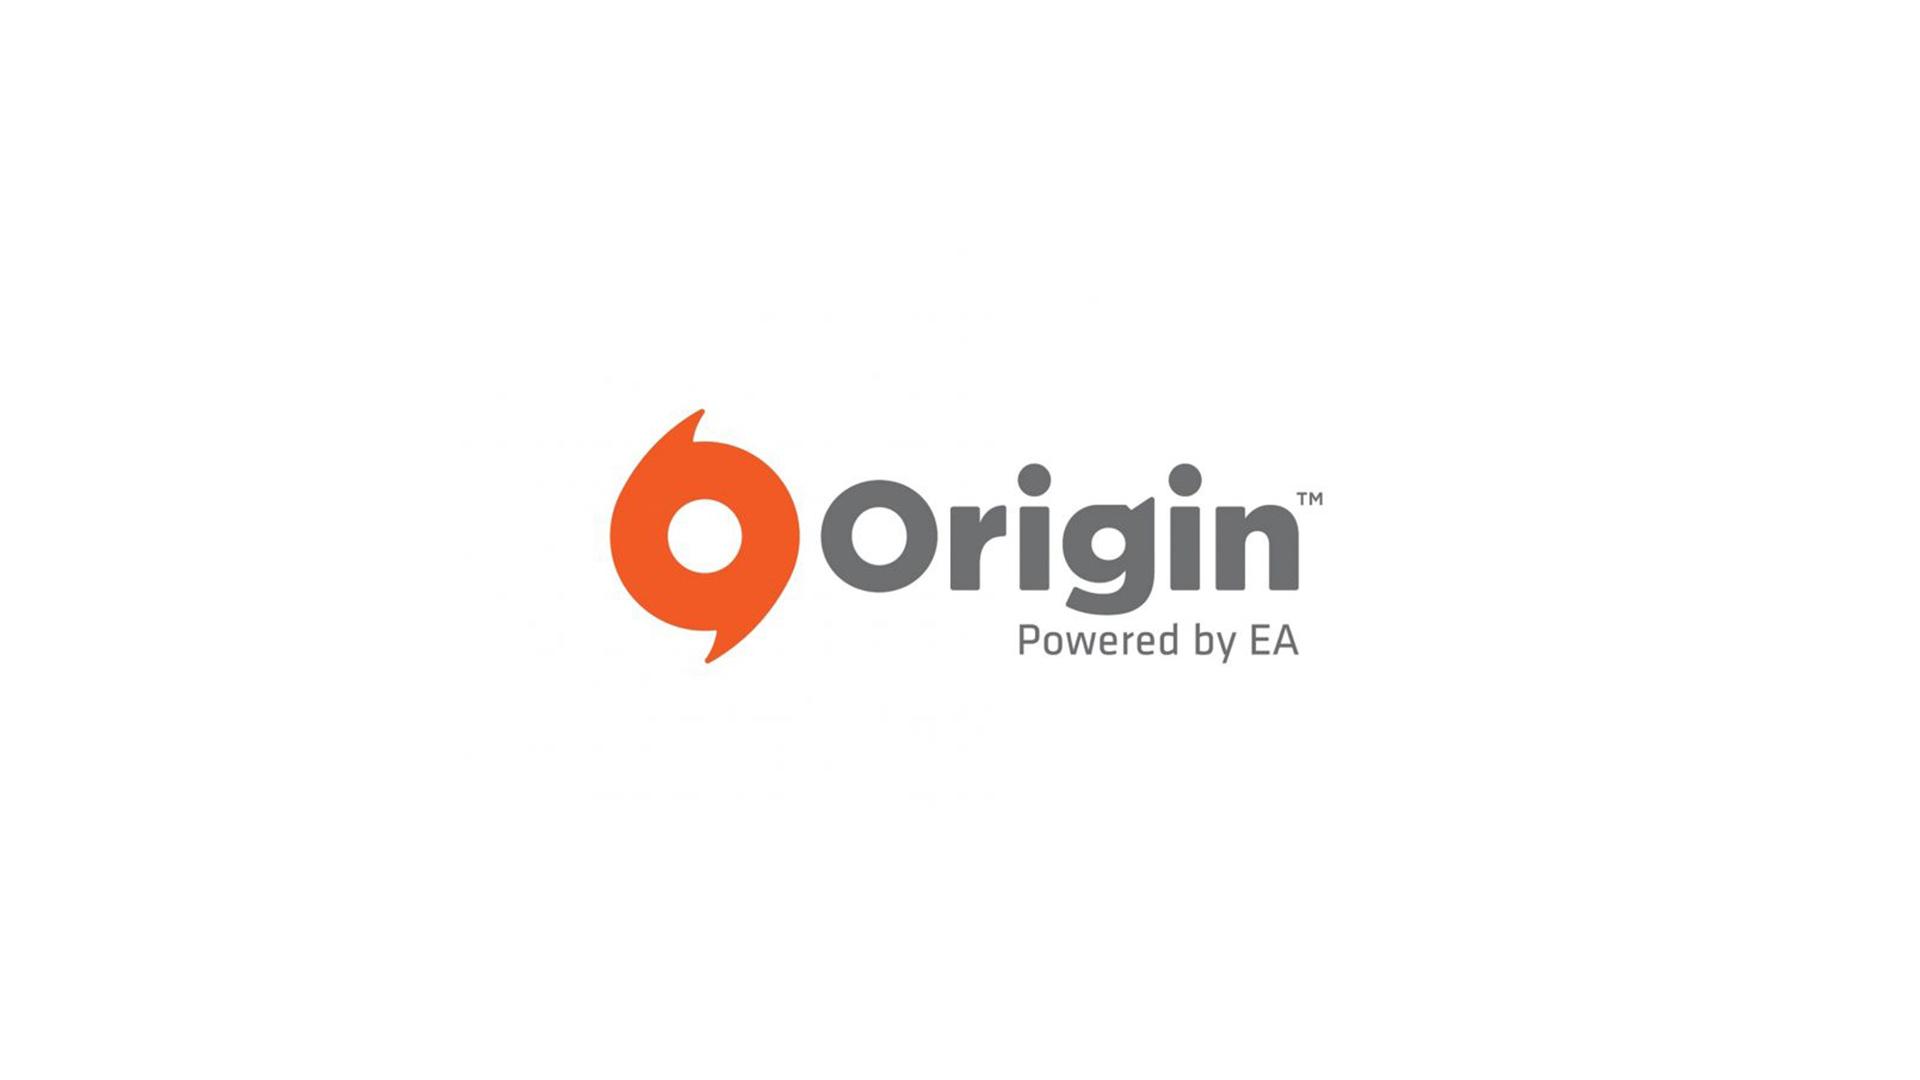 В Origin распродают Need for Speed Heat, Battlefield 5, FIFA 20 и другие игры со скидками до 75%